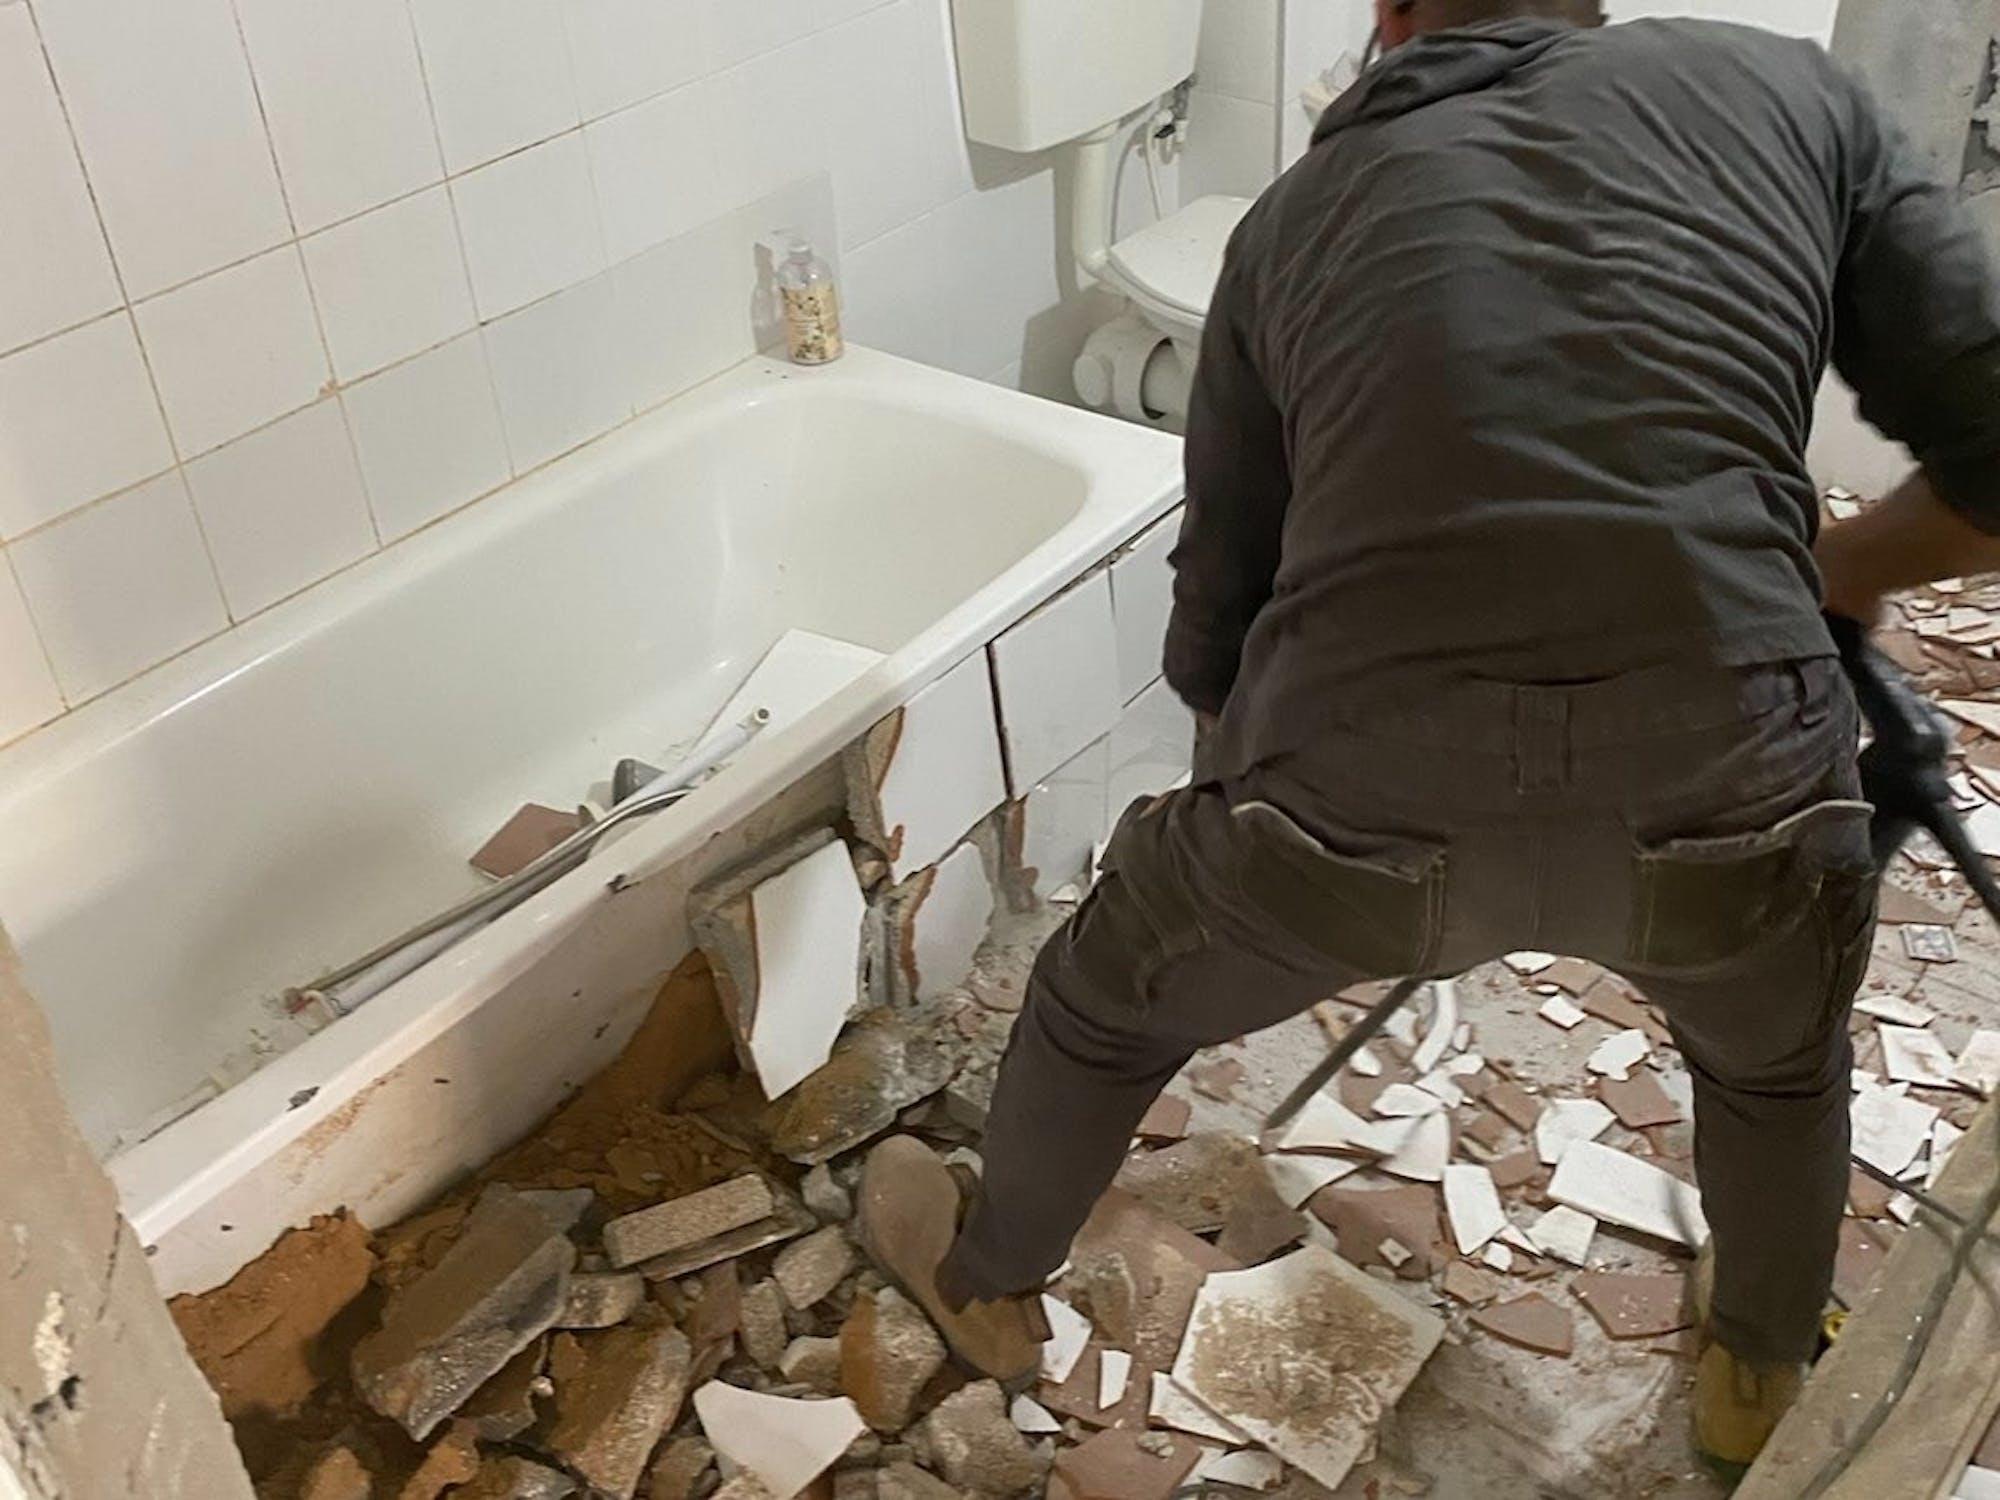 Demolishing day in HH